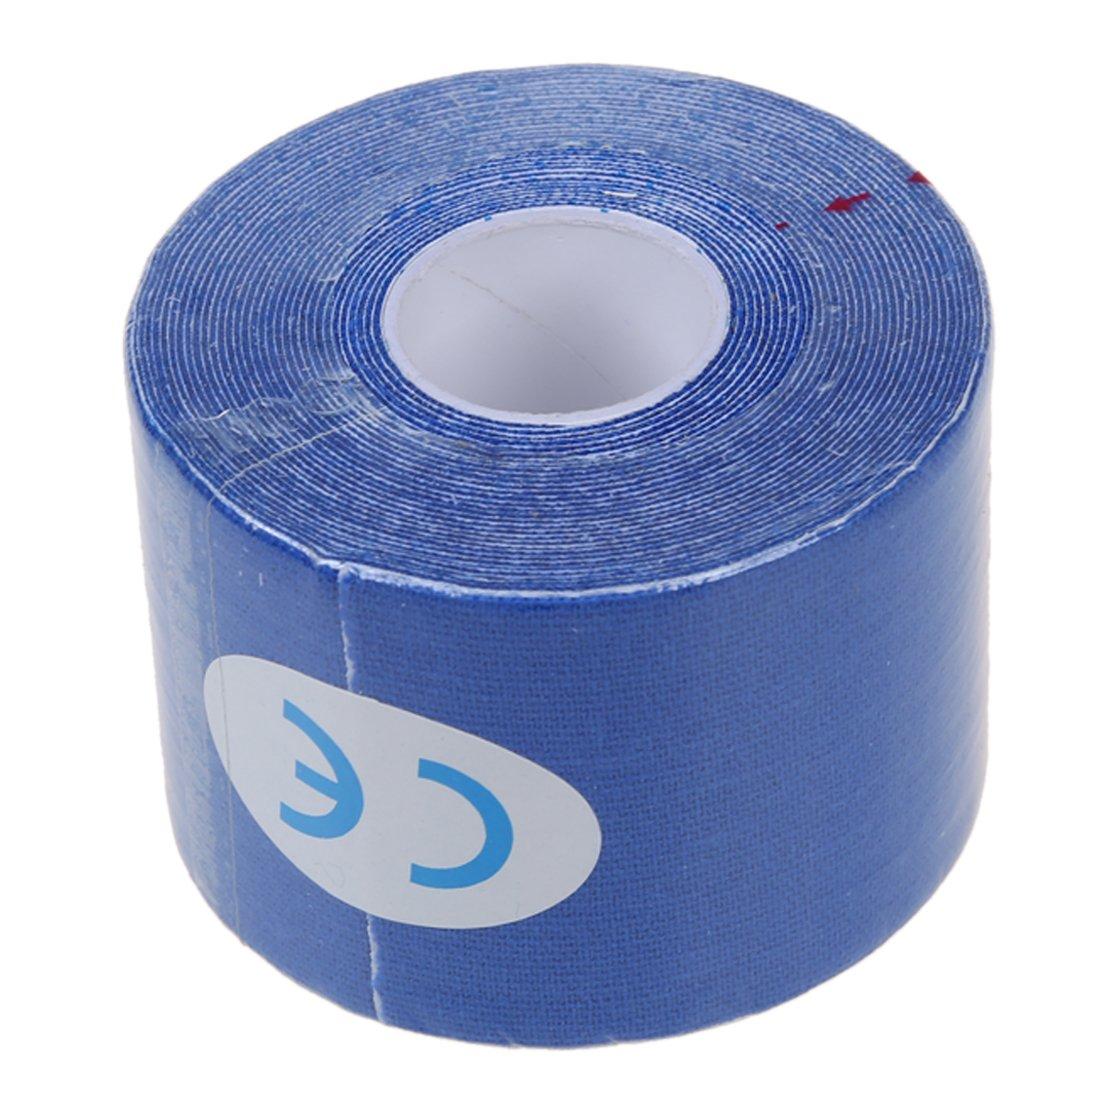 TOOGOO (R) 1 rollo de Deportes Kinesiologia Musculos Cuidado Gimnasio Atletico 5M Cinta Salud * 5CM - Azul marino SHOMAGT22447